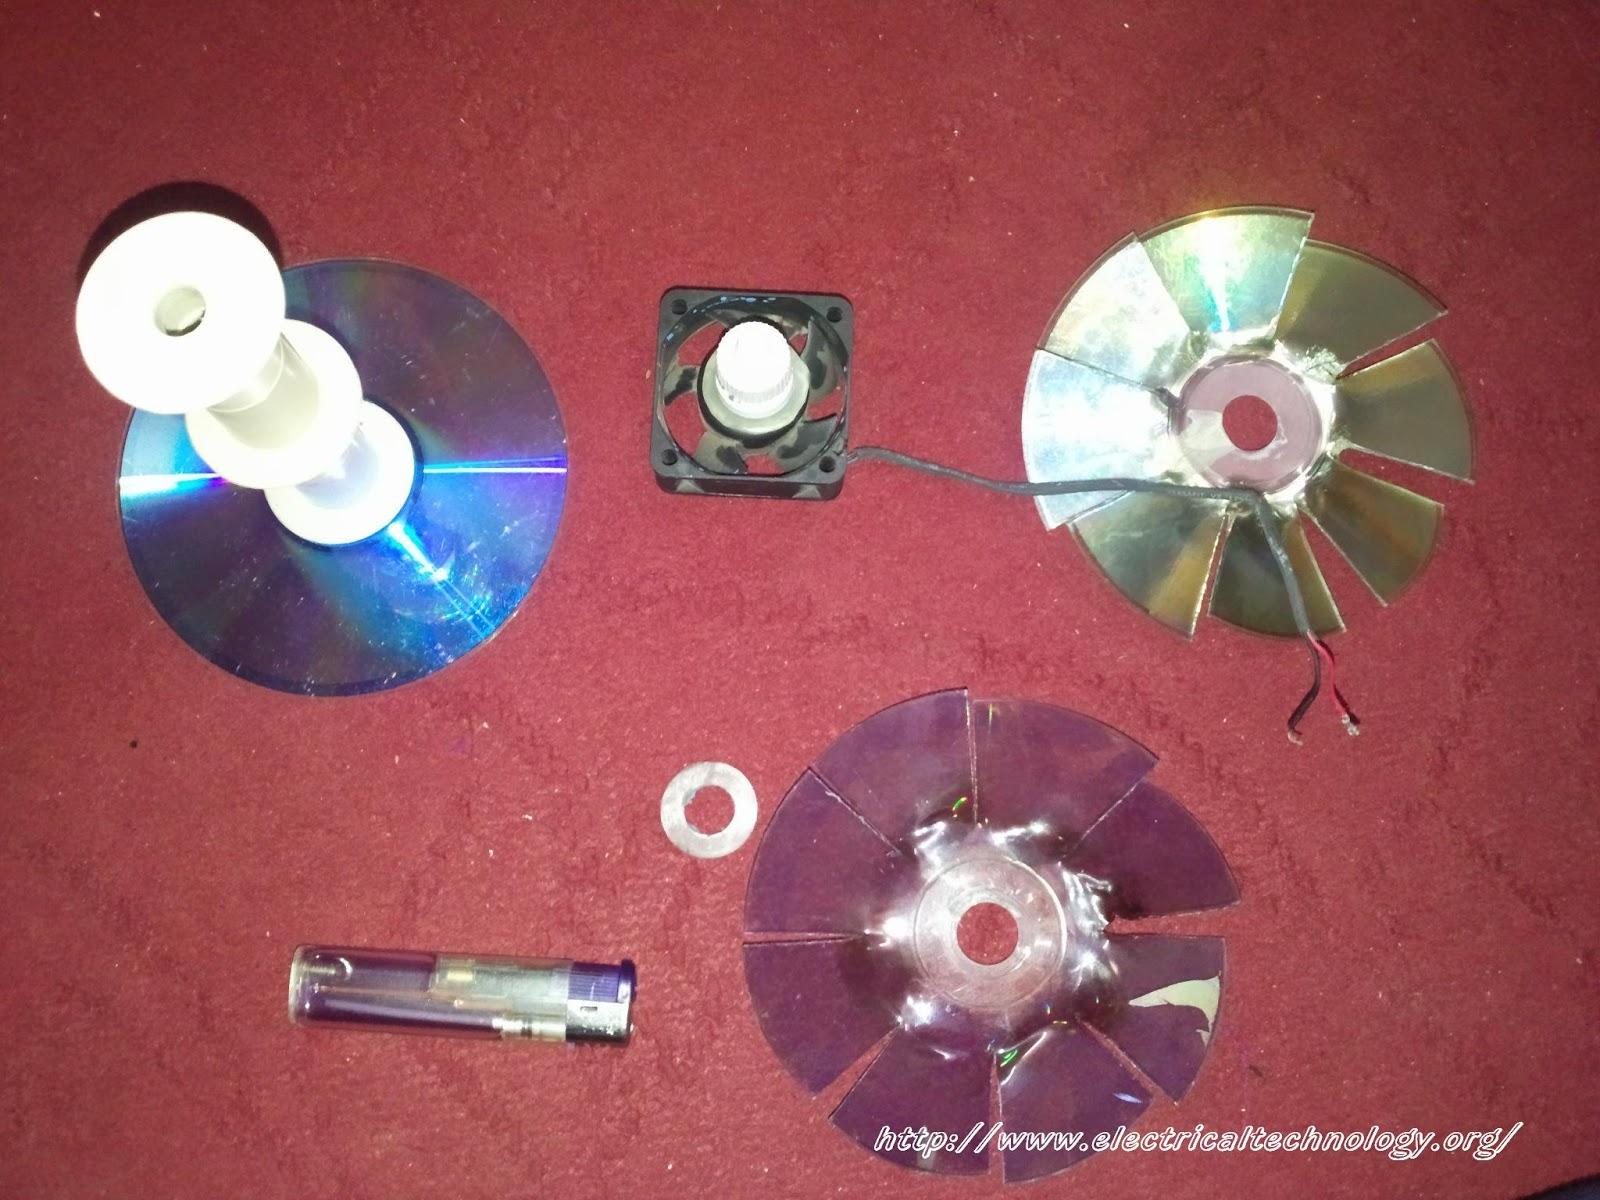 Usb Mini Fan Homemade Very Simple Using Pc 12v Fan Motor